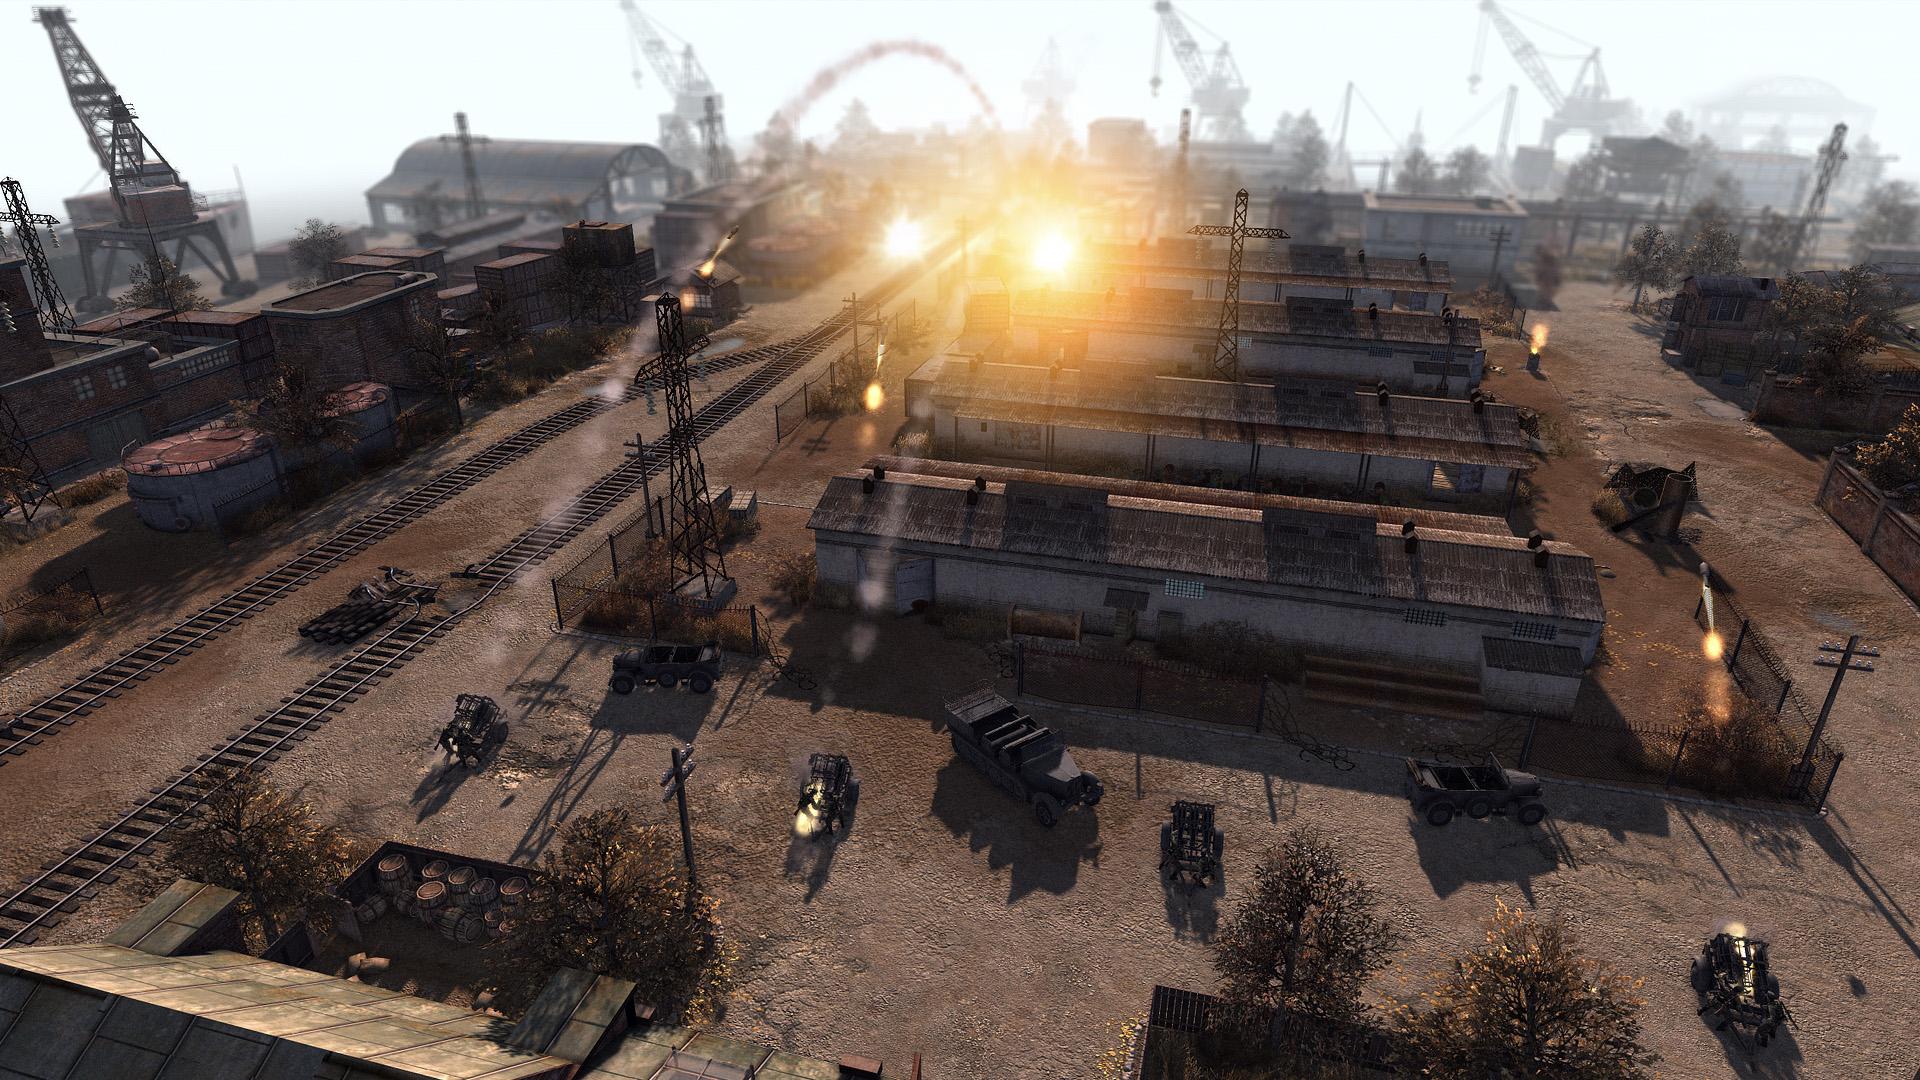 Скачать 3D модель В тылу врага: Штурм 2 | Men of War Assault Squad 2 (3.261.0) (PC, by xatab, +5 DLC, Full, Ostfront Veteranen, торрент)